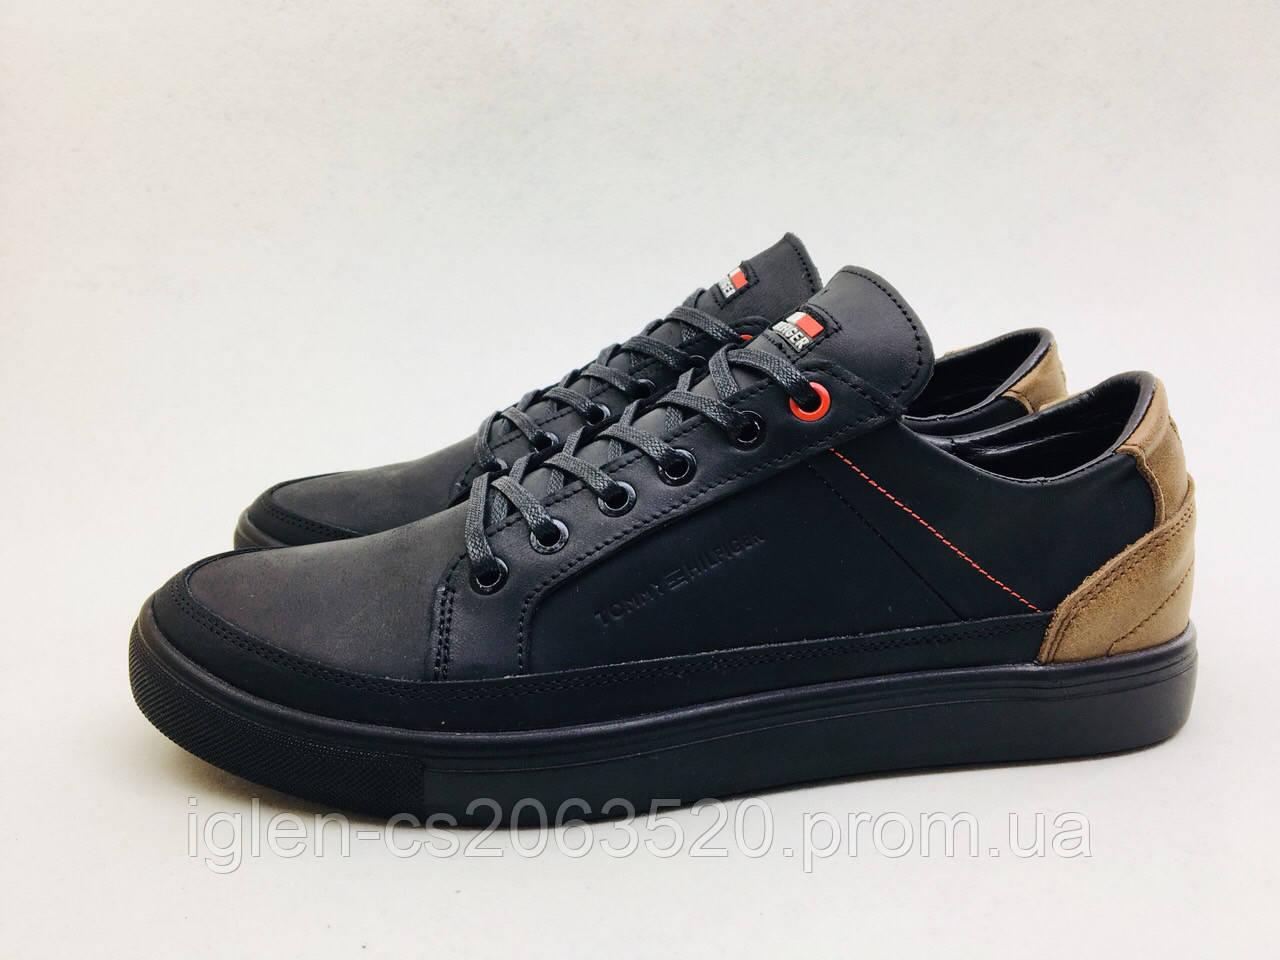 Мужские кожаные кроссовки Tommy Hilfiger черно-карамельный